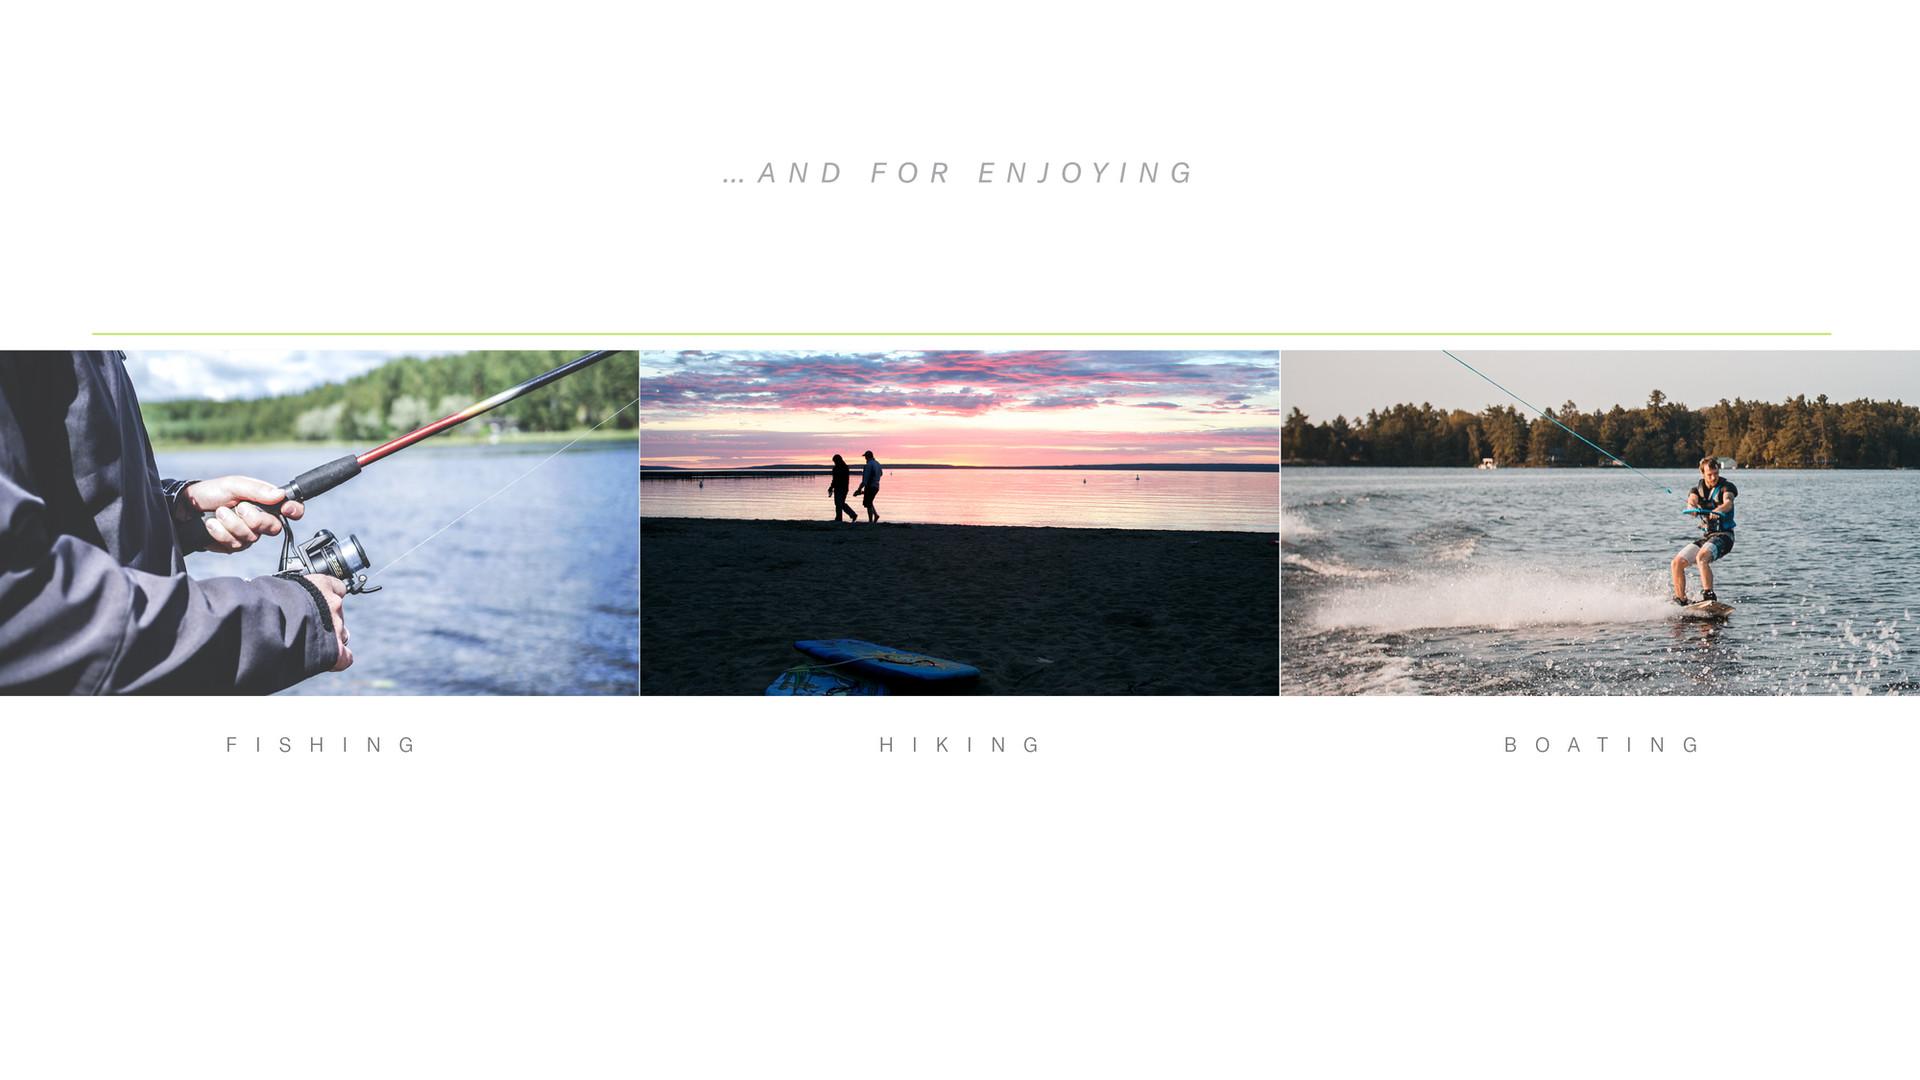 Waskesiu Lake - Made for Enjoying